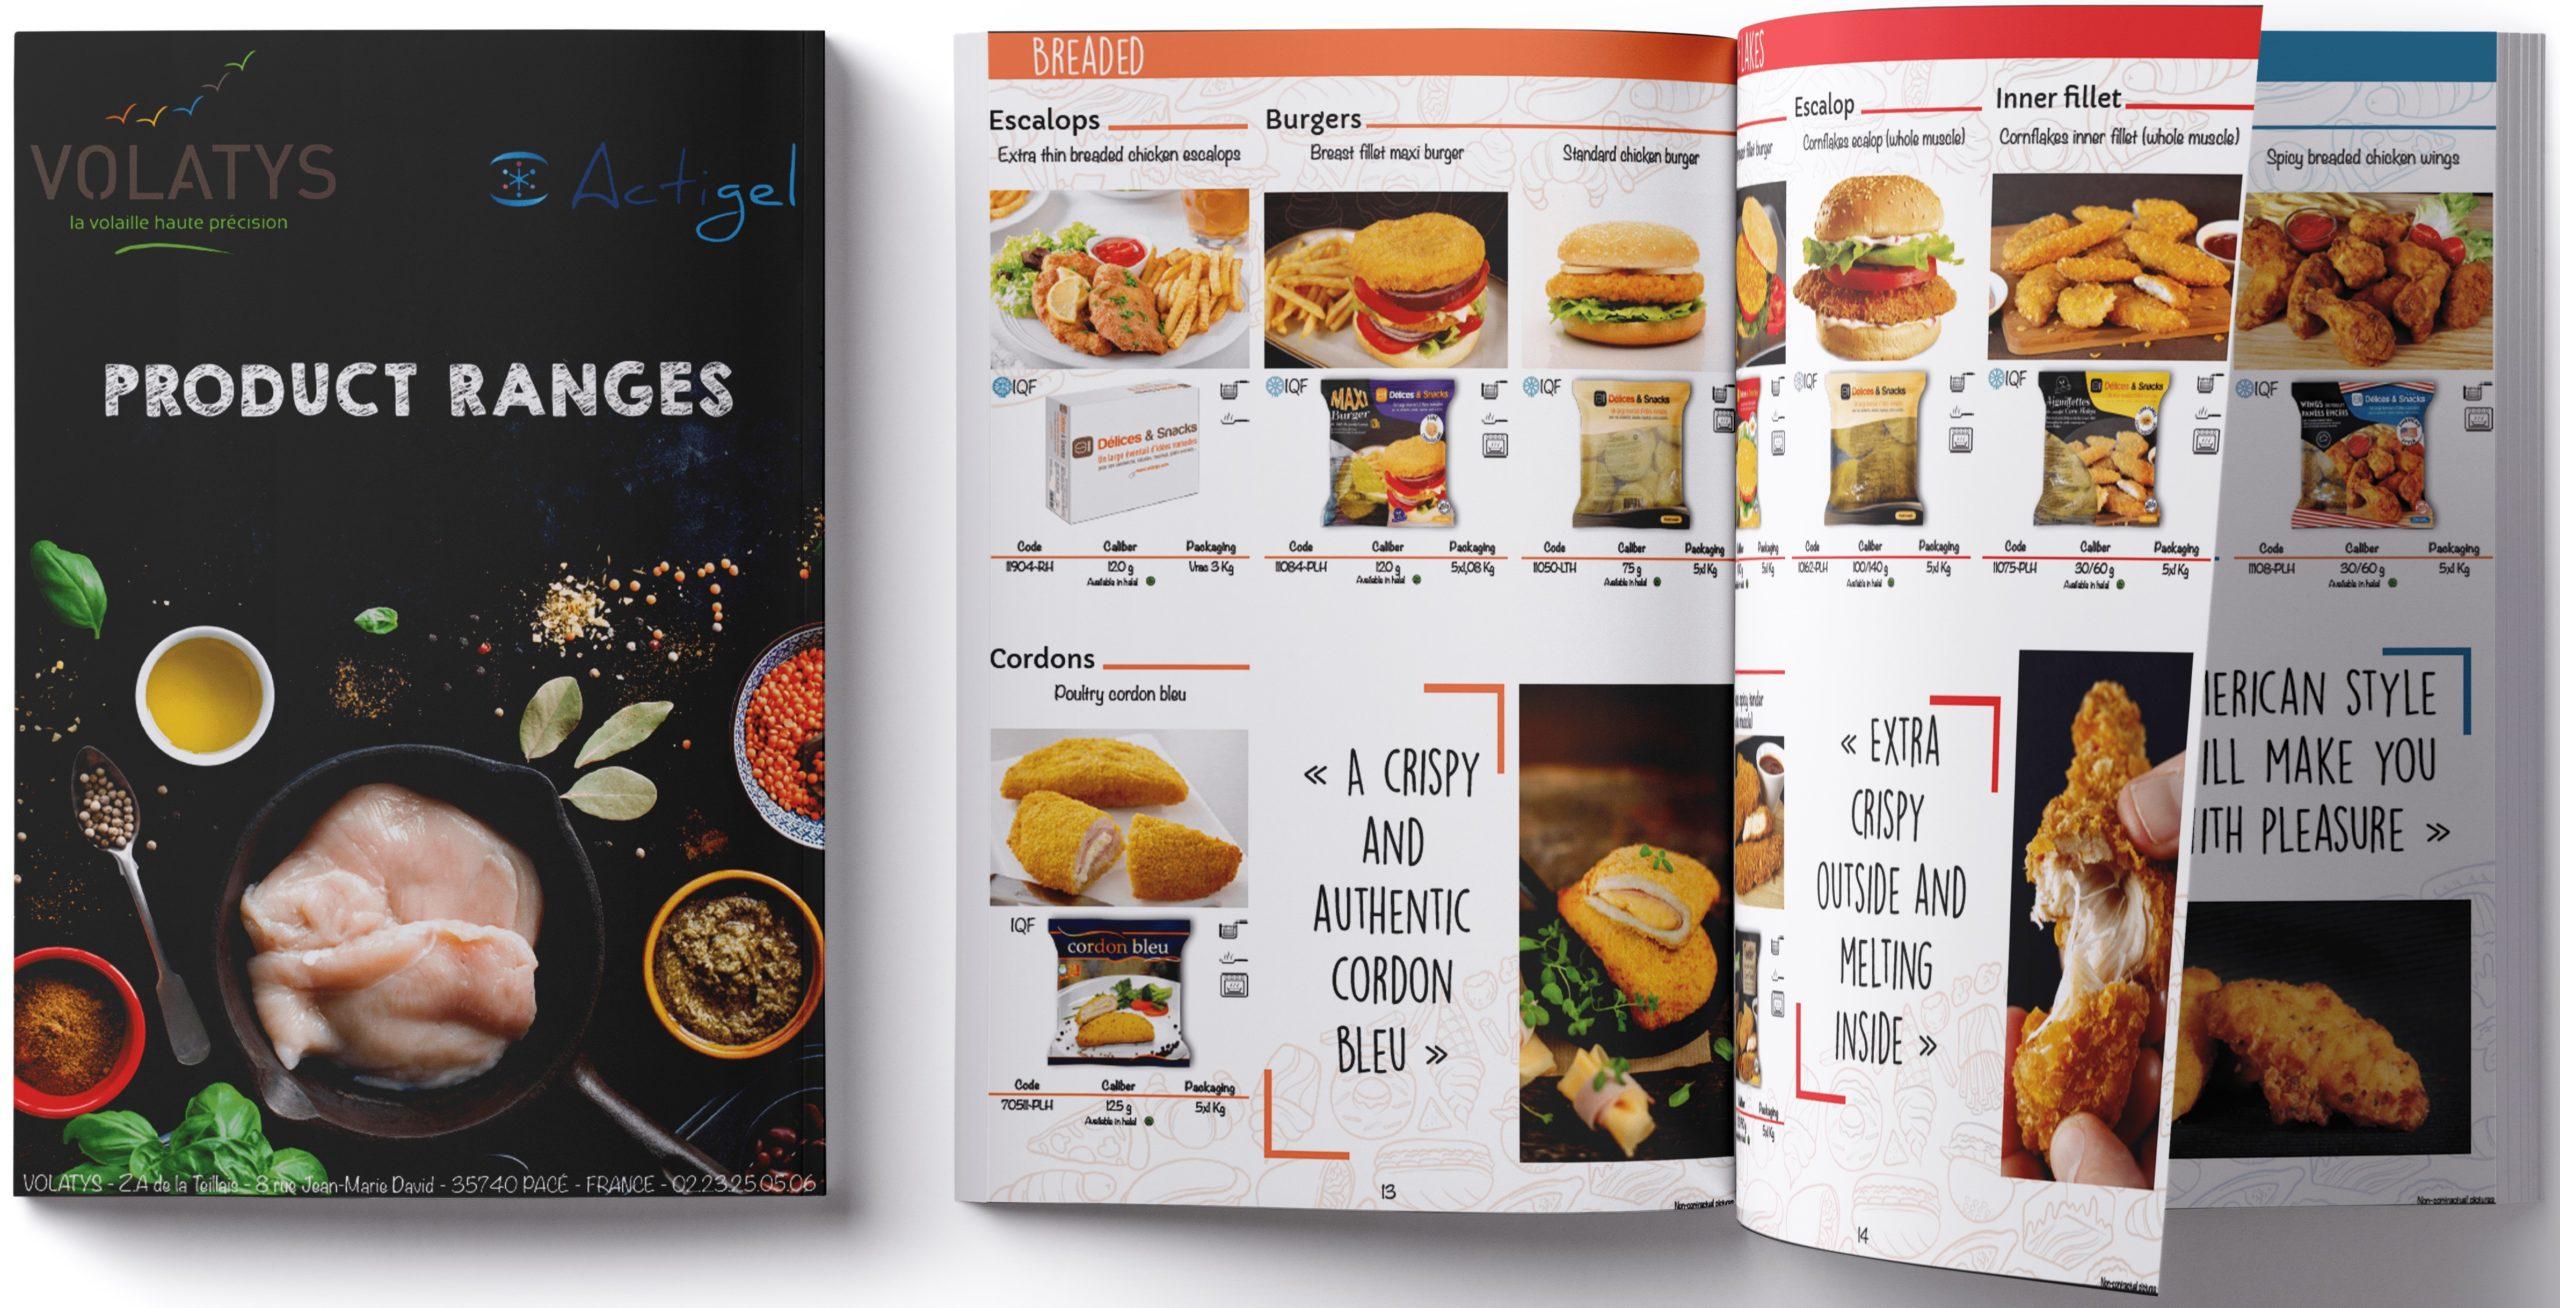 Volatys product catalogue